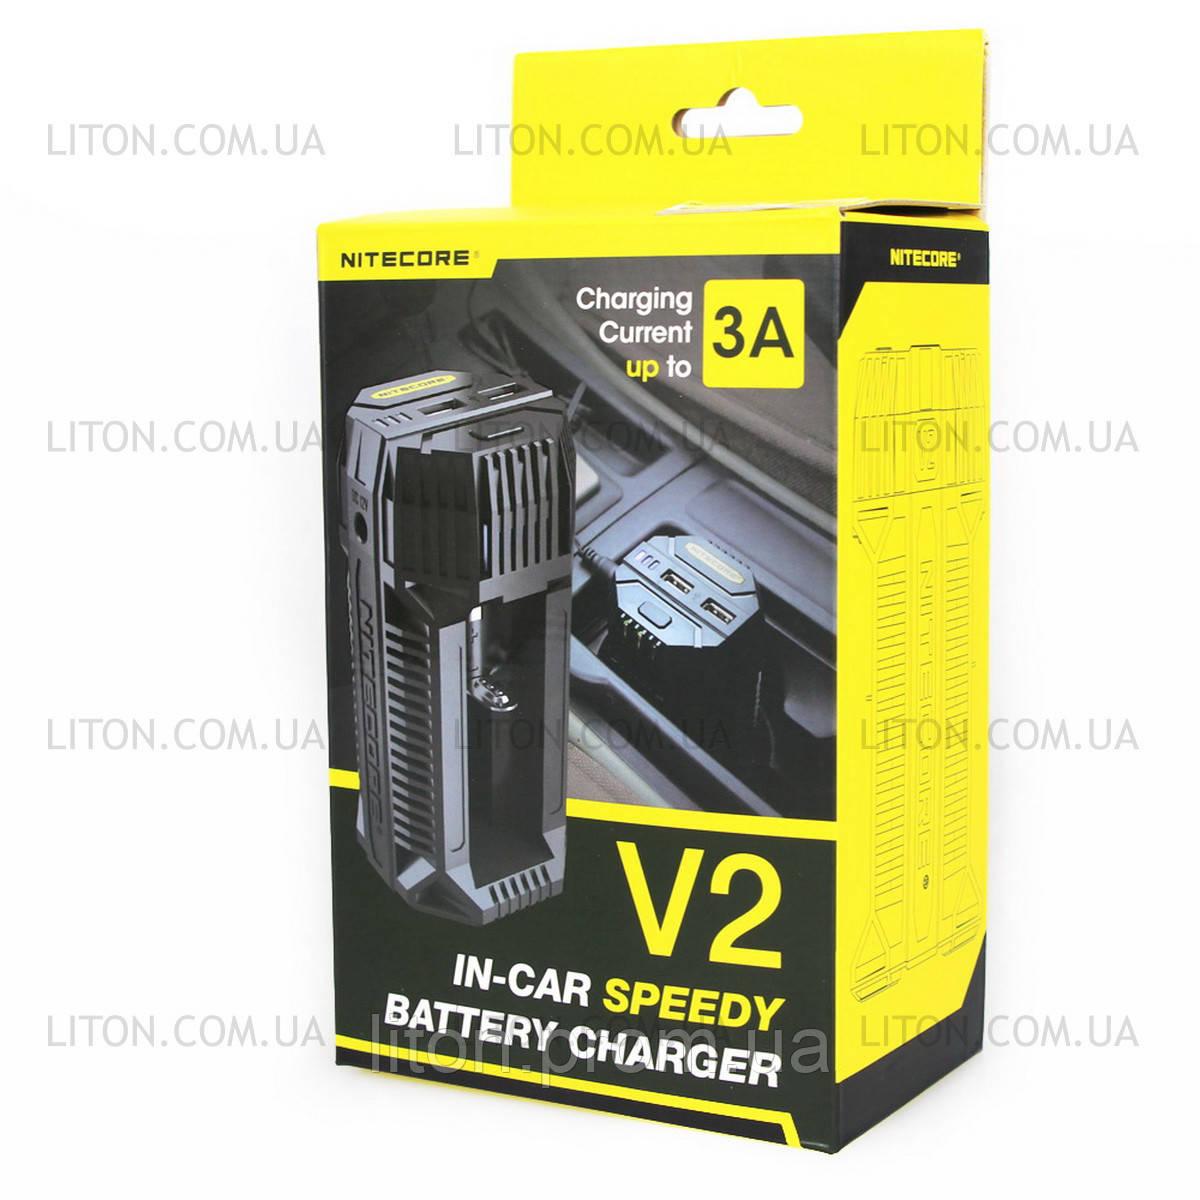 Зарядний пристрій Nitecore v2